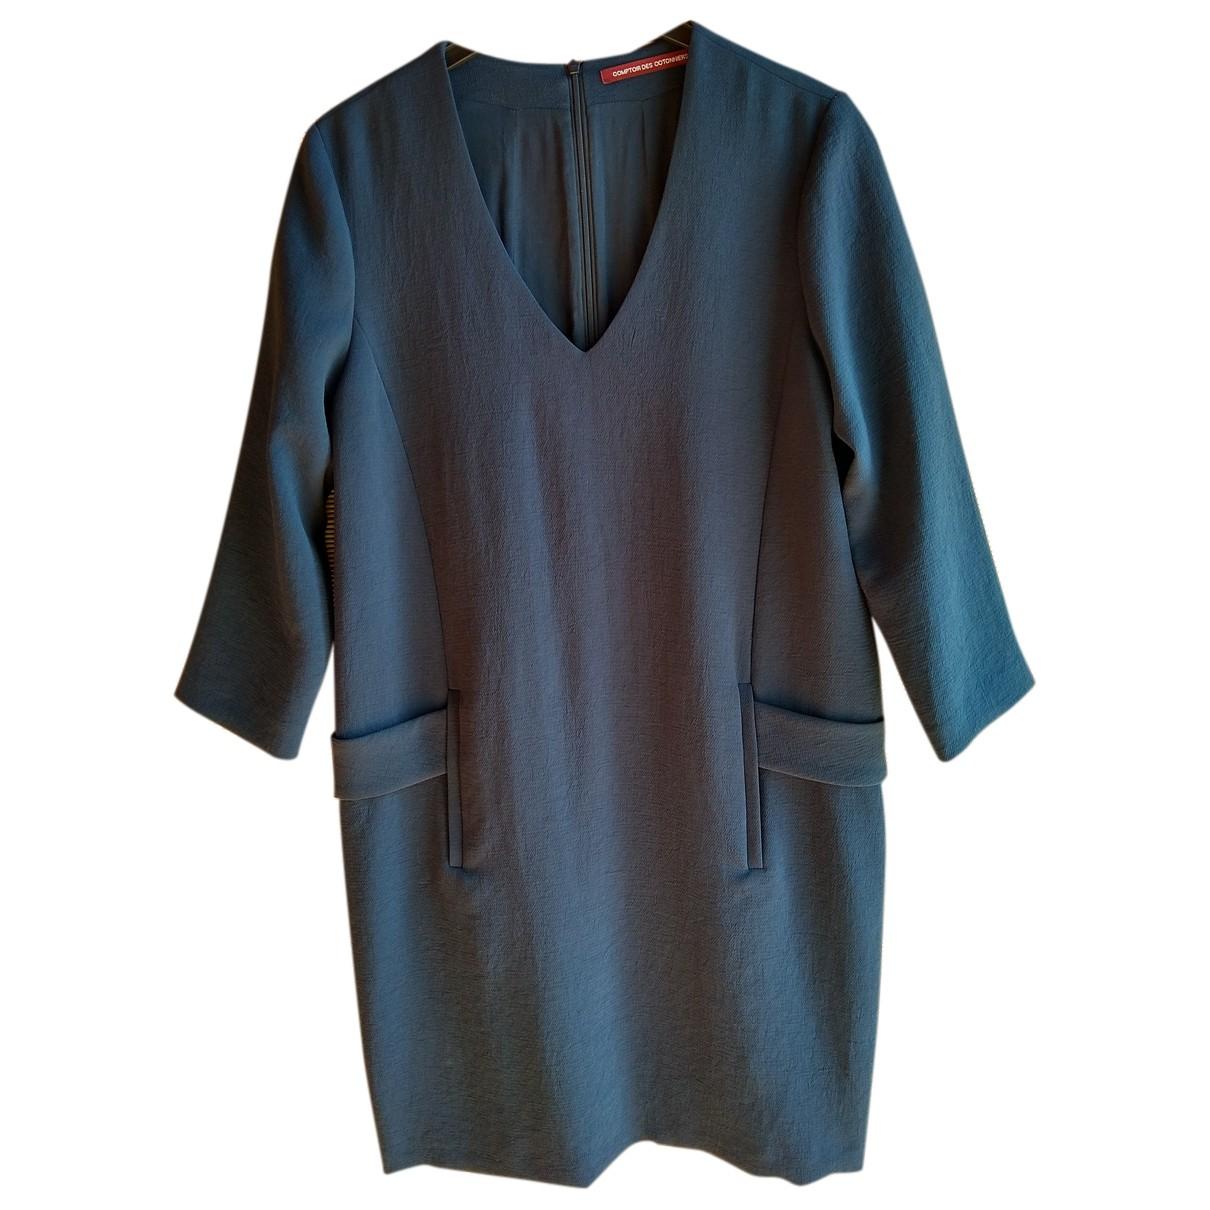 Comptoir Des Cotonniers \N Kleid in  Blau Polyester